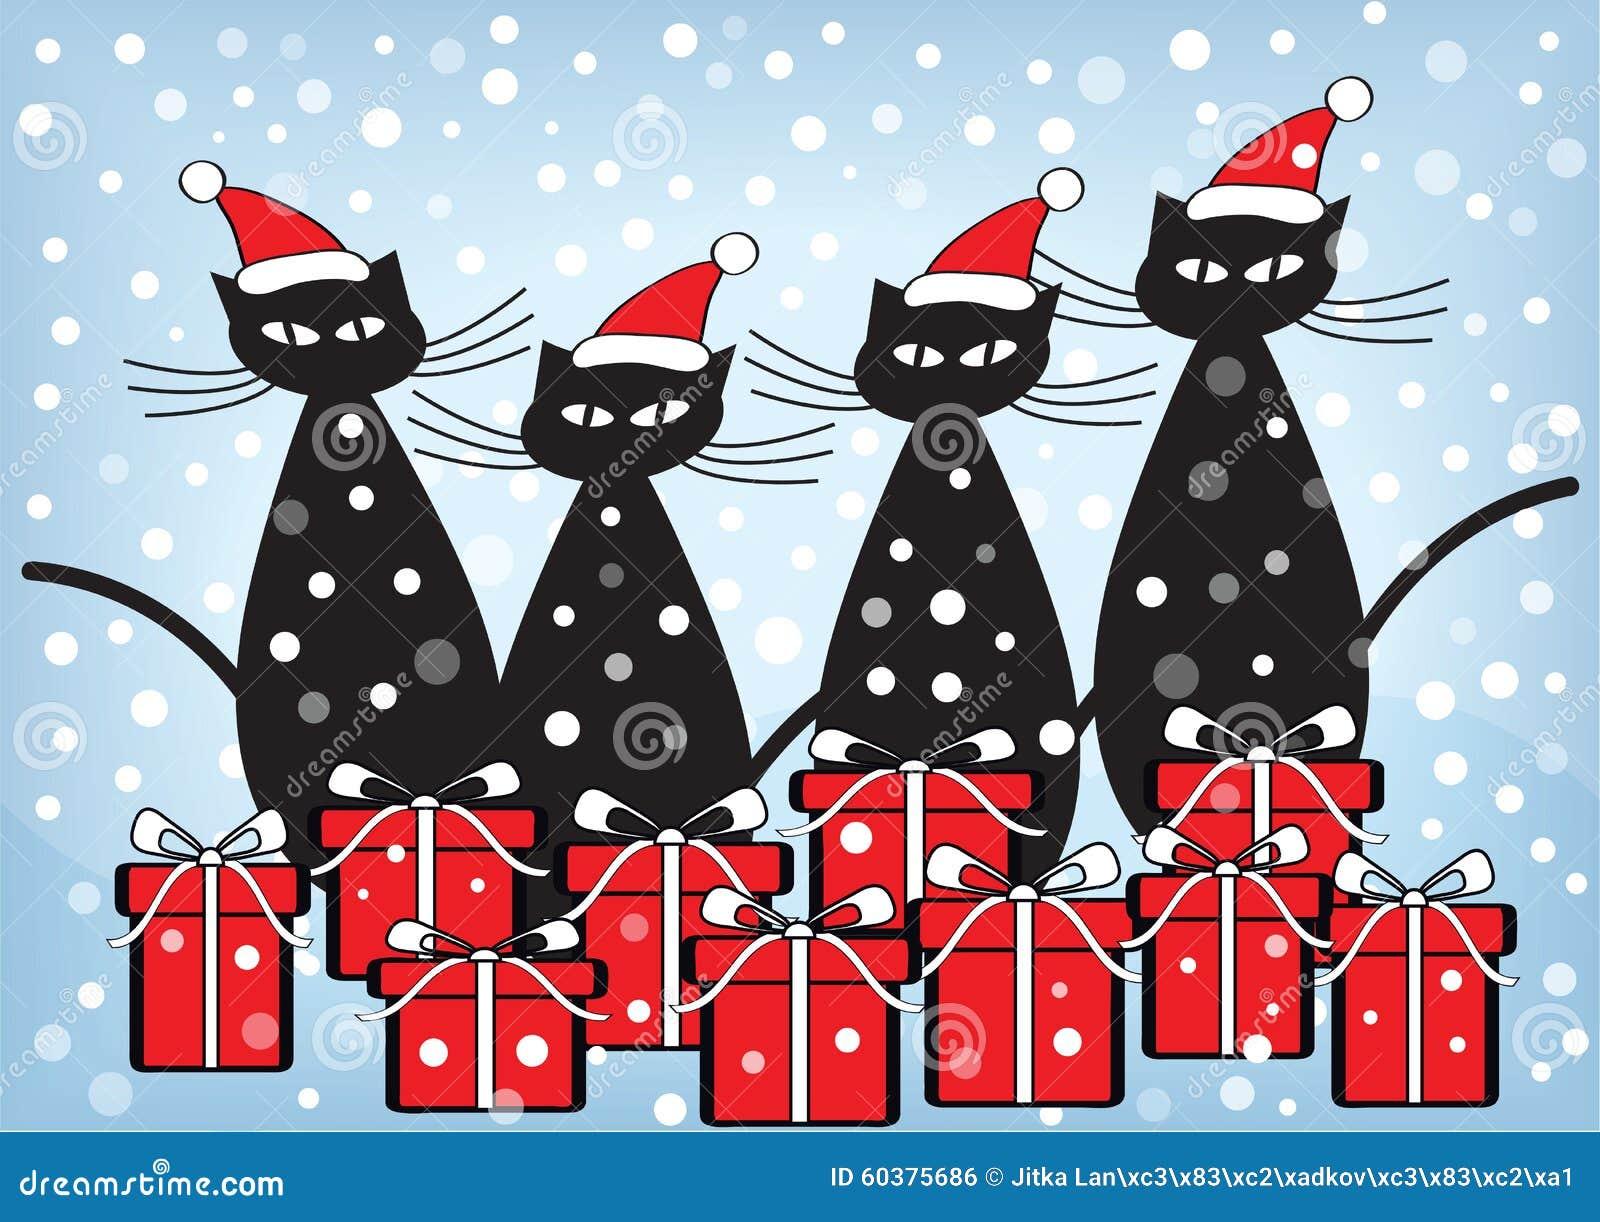 Cartolina Di Natale Con I Gatti Ed I Presente Illustrazione Di Stock